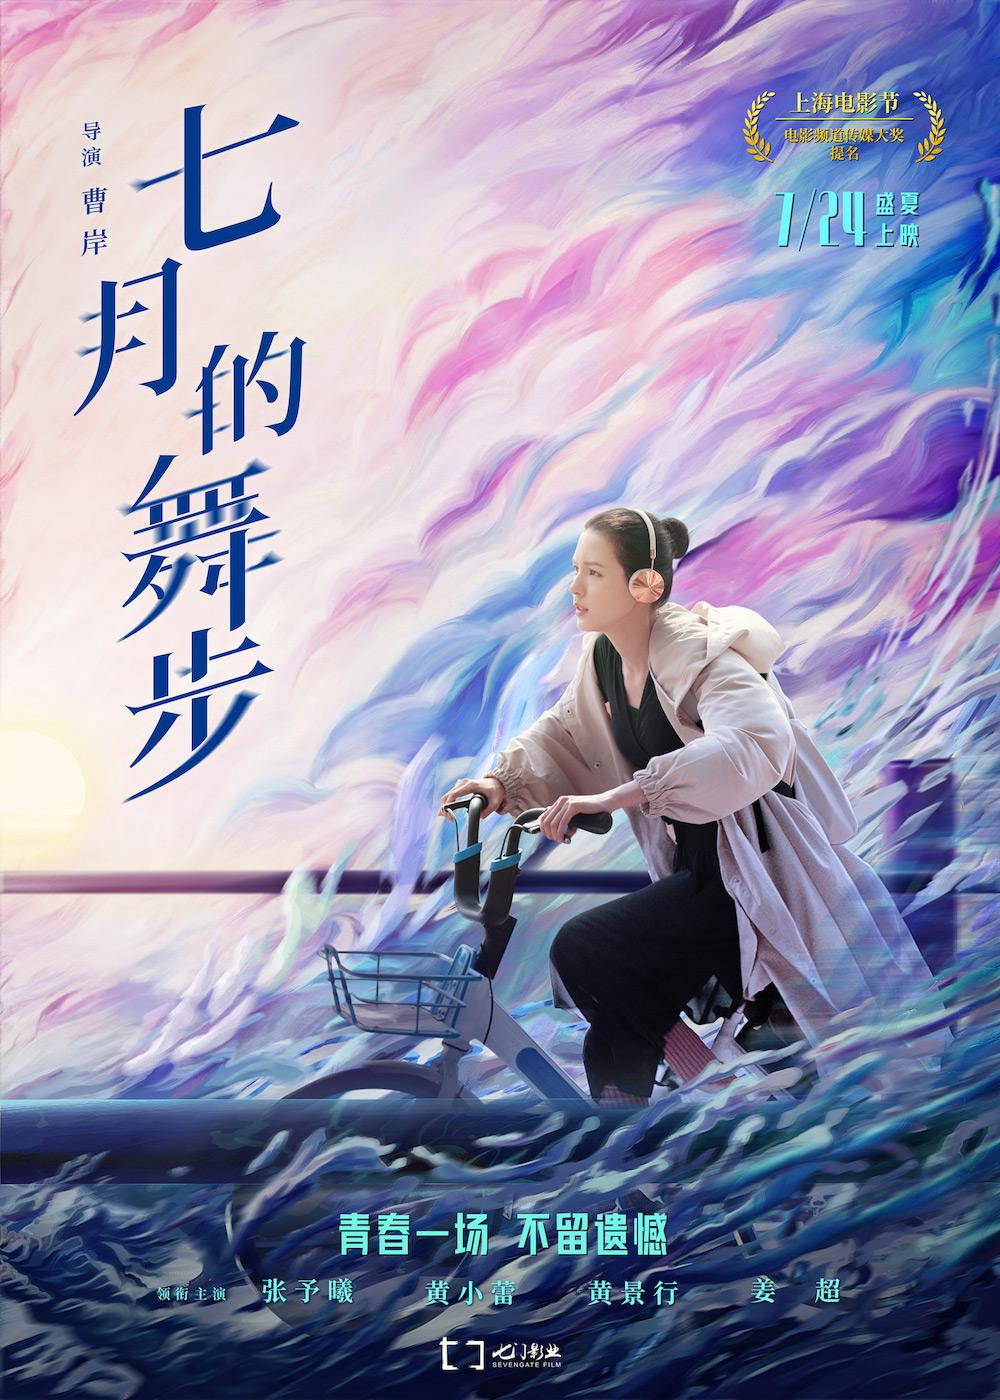 《七月的舞步》终极海报.jpg